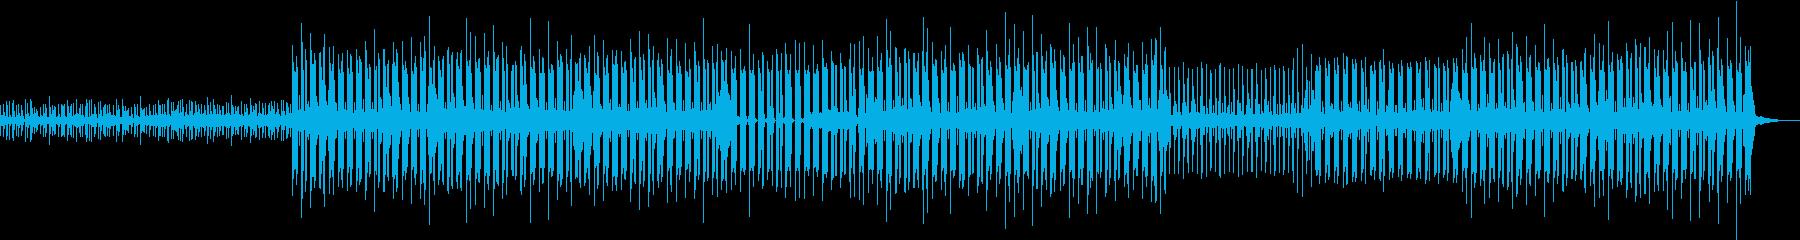 チルアウト アンビエントの再生済みの波形